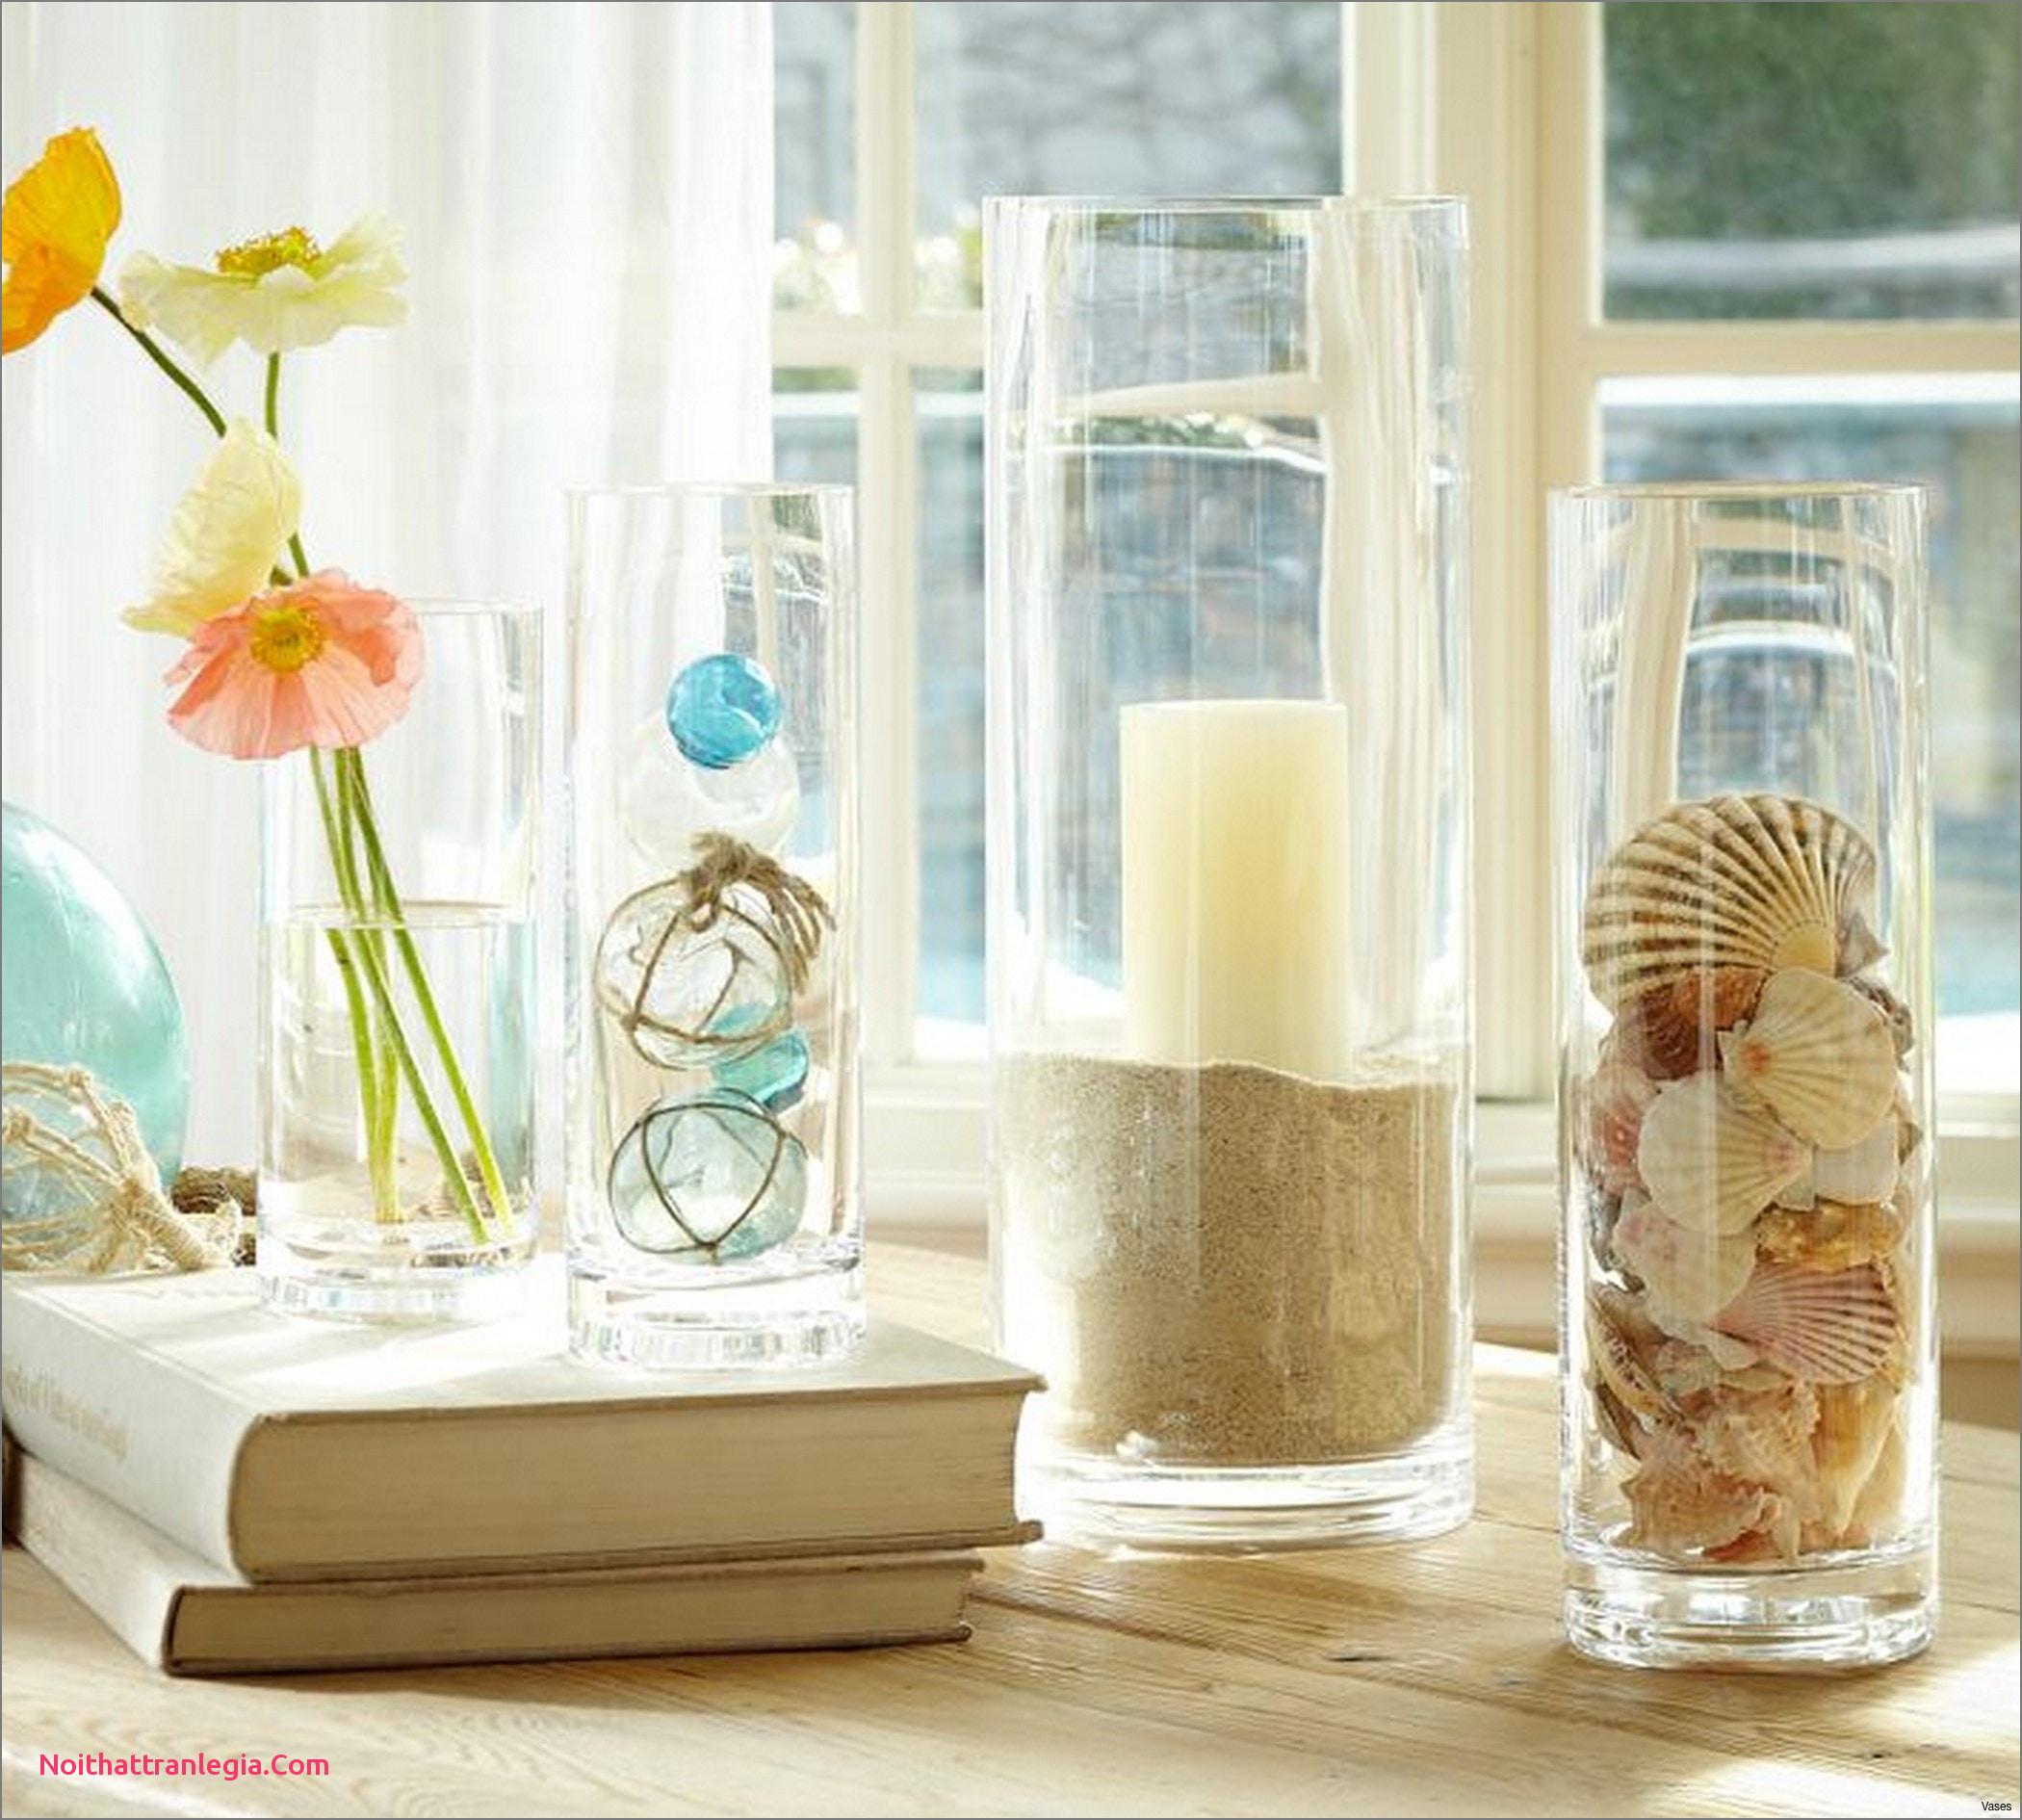 milk glass vase bulk of 20 how to make mercury glass vases noithattranlegia vases design intended for glass vase fillers vase filler ideas 5h vases summer 5i 0d inspiration vase